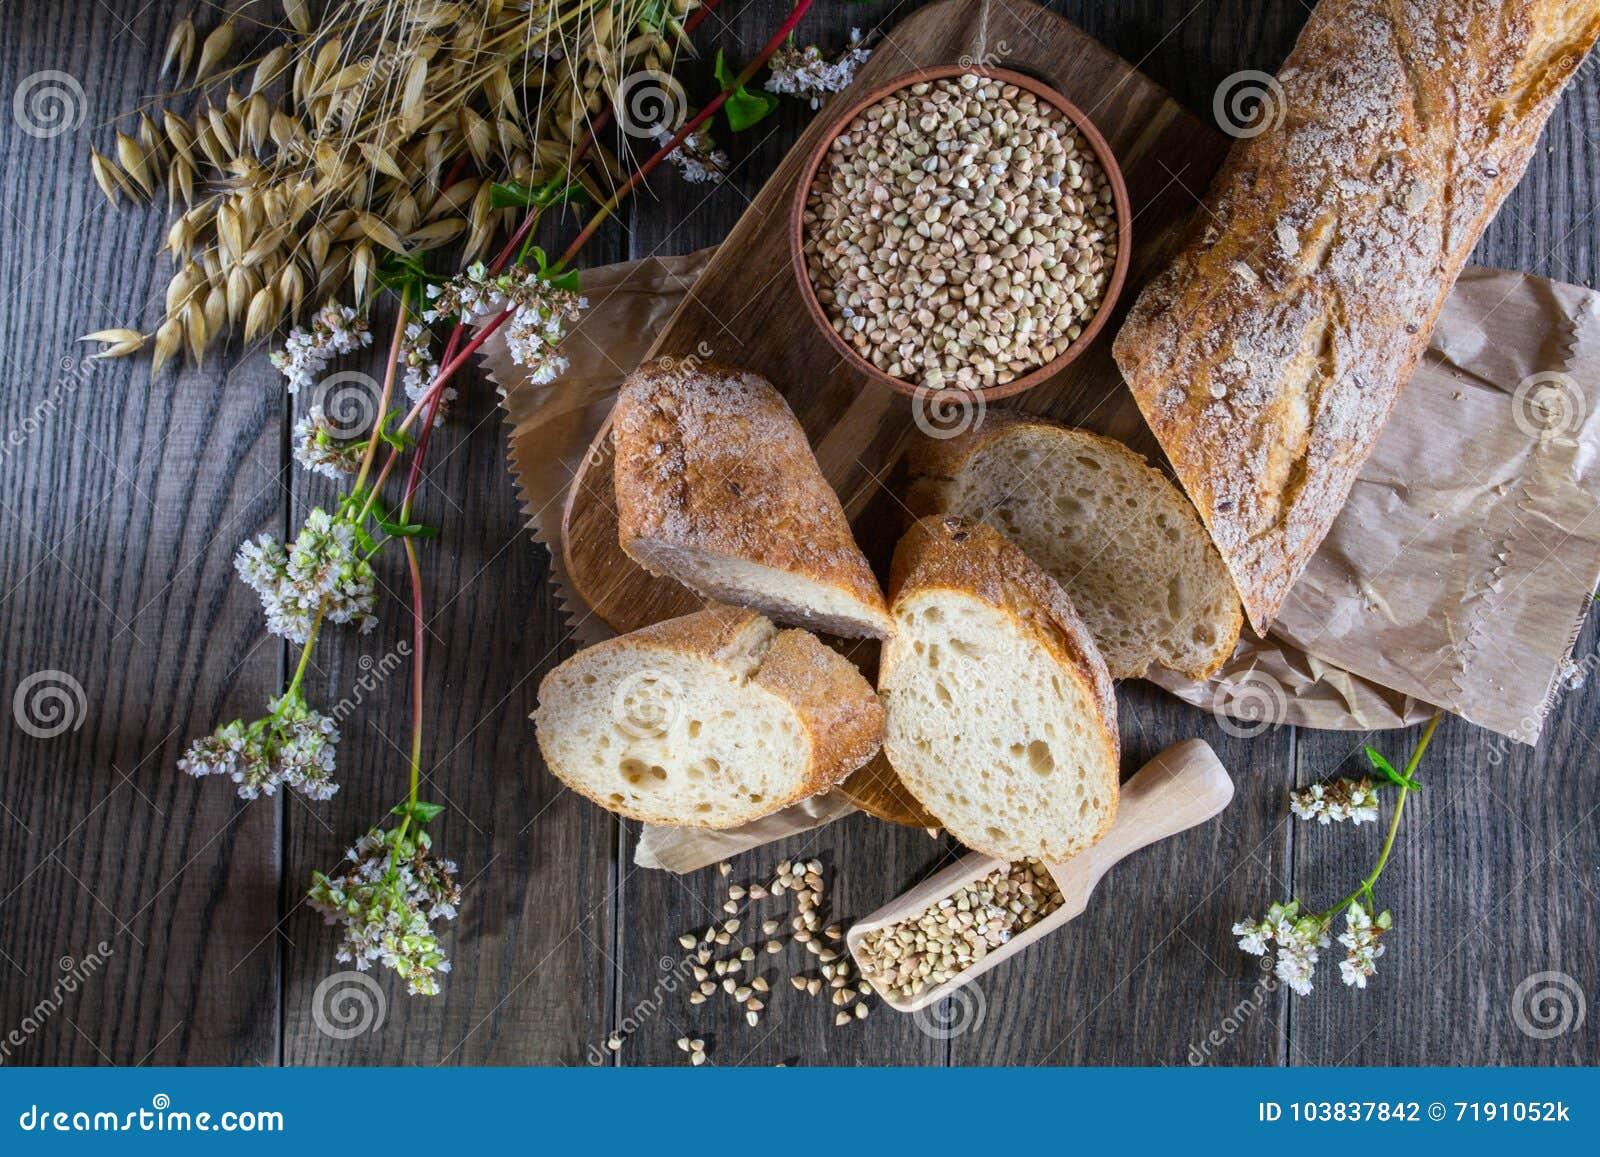 Boekweitbrood, Franse baguette en stelen van tarwe, haver, boekweit